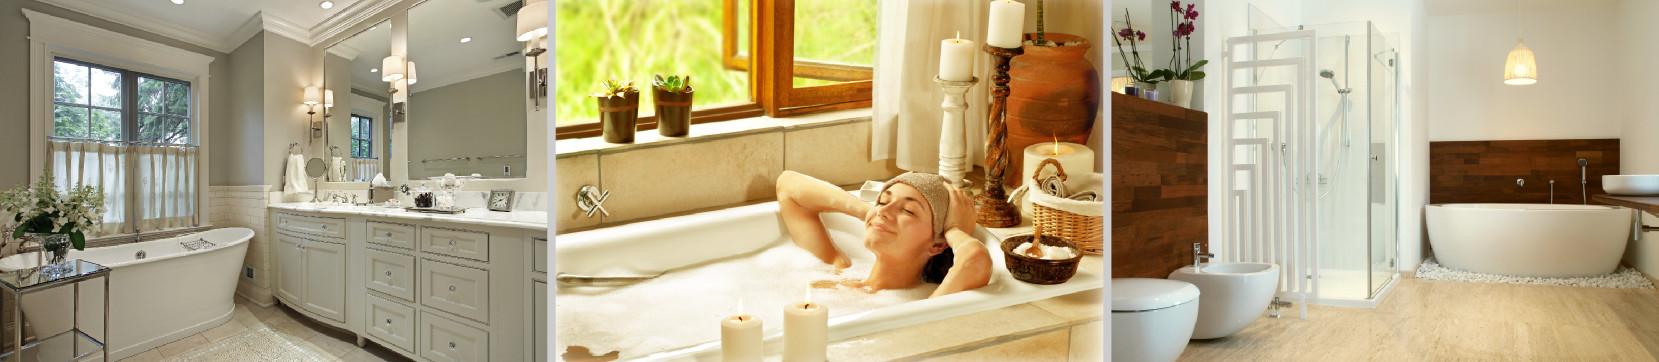 Luxury 1304 Dorian Court Upland Ca Bedrooms 3 Bathrooms 2 1484 Sq Ft  474900